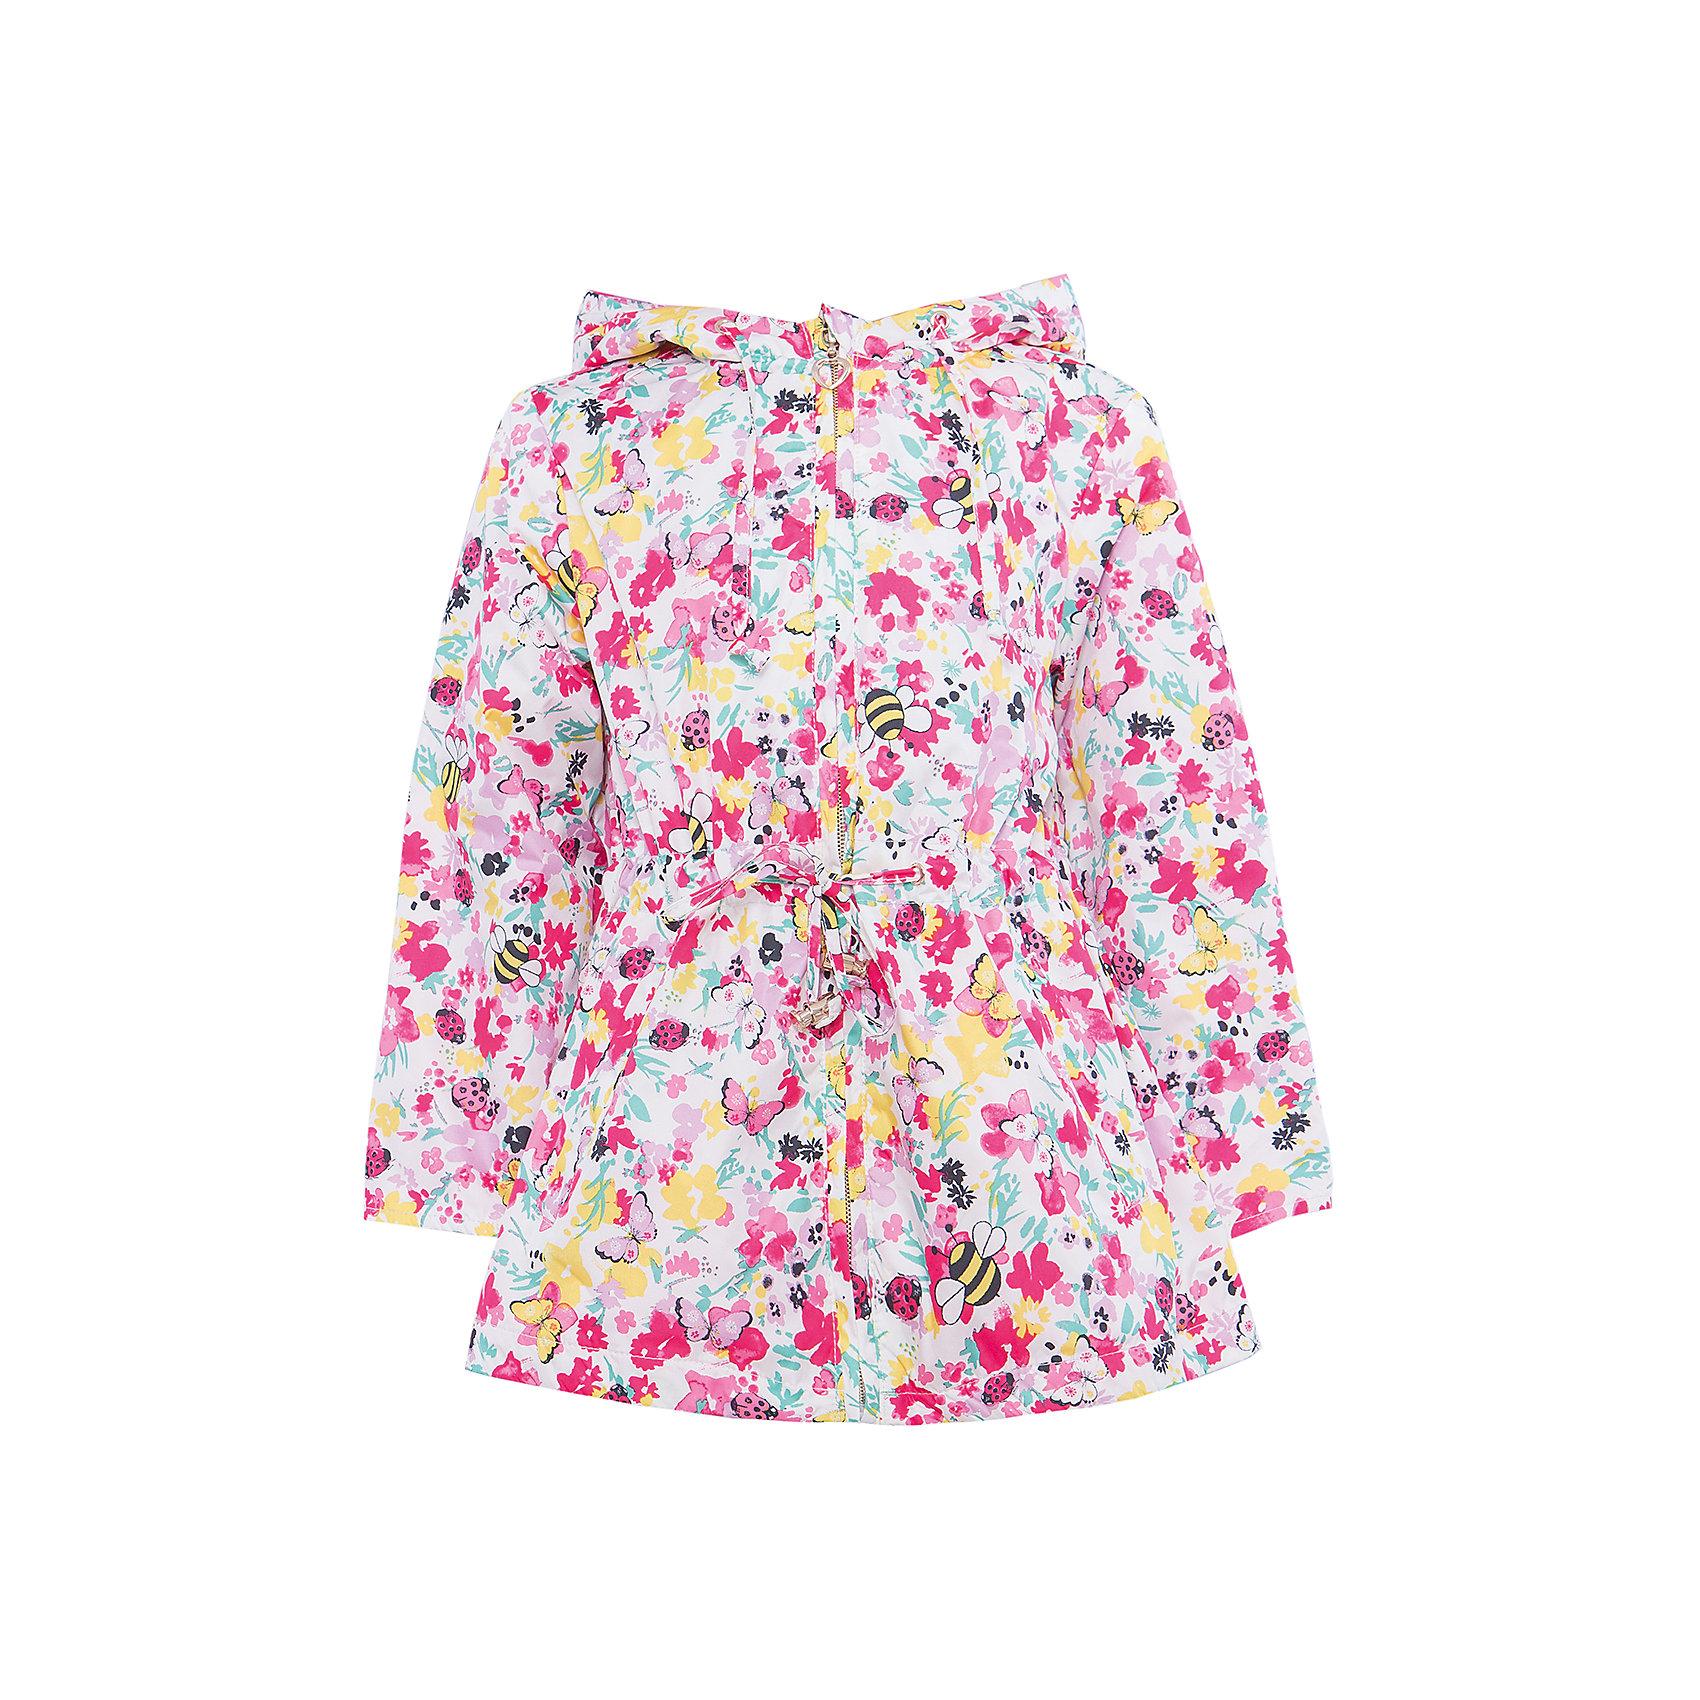 Плащ для девочки SELAВерхняя одежда<br>Характеристики товара:<br><br>• цвет: розовый принт<br>• состав: 100% полиэстер; подкладка: 65% хлопок, 35% полиэстер<br>• температурный режим: от +10°до +20°С<br>• сезон: лето-весна<br>• модель прямого кроя с кулиской<br>• молния<br>• принт<br>• капюшон со шнурком, не отстёгивается<br>• два кармана<br>• коллекция весна-лето 2017<br>• страна бренда: Российская Федерация<br>• страна изготовитель: Китай<br><br>Вещи из новой коллекции SELA продолжают радовать удобством! Легкий плащ для девочки поможет разнообразить гардероб ребенка и обеспечить комфорт. Он отлично сочетается с юбками и брюками. Очень стильно смотрится!<br><br>Одежда, обувь и аксессуары от российского бренда SELA не зря пользуются большой популярностью у детей и взрослых! Модели этой марки - стильные и удобные, цена при этом неизменно остается доступной. Для их производства используются только безопасные, качественные материалы и фурнитура. Новая коллекция поддерживает хорошие традиции бренда! <br><br>Плащ для девочки от популярного бренда SELA (СЕЛА) можно купить в нашем интернет-магазине.<br><br>Ширина мм: 356<br>Глубина мм: 10<br>Высота мм: 245<br>Вес г: 519<br>Цвет: розовый<br>Возраст от месяцев: 60<br>Возраст до месяцев: 72<br>Пол: Женский<br>Возраст: Детский<br>Размер: 116,98,104,110<br>SKU: 5305188